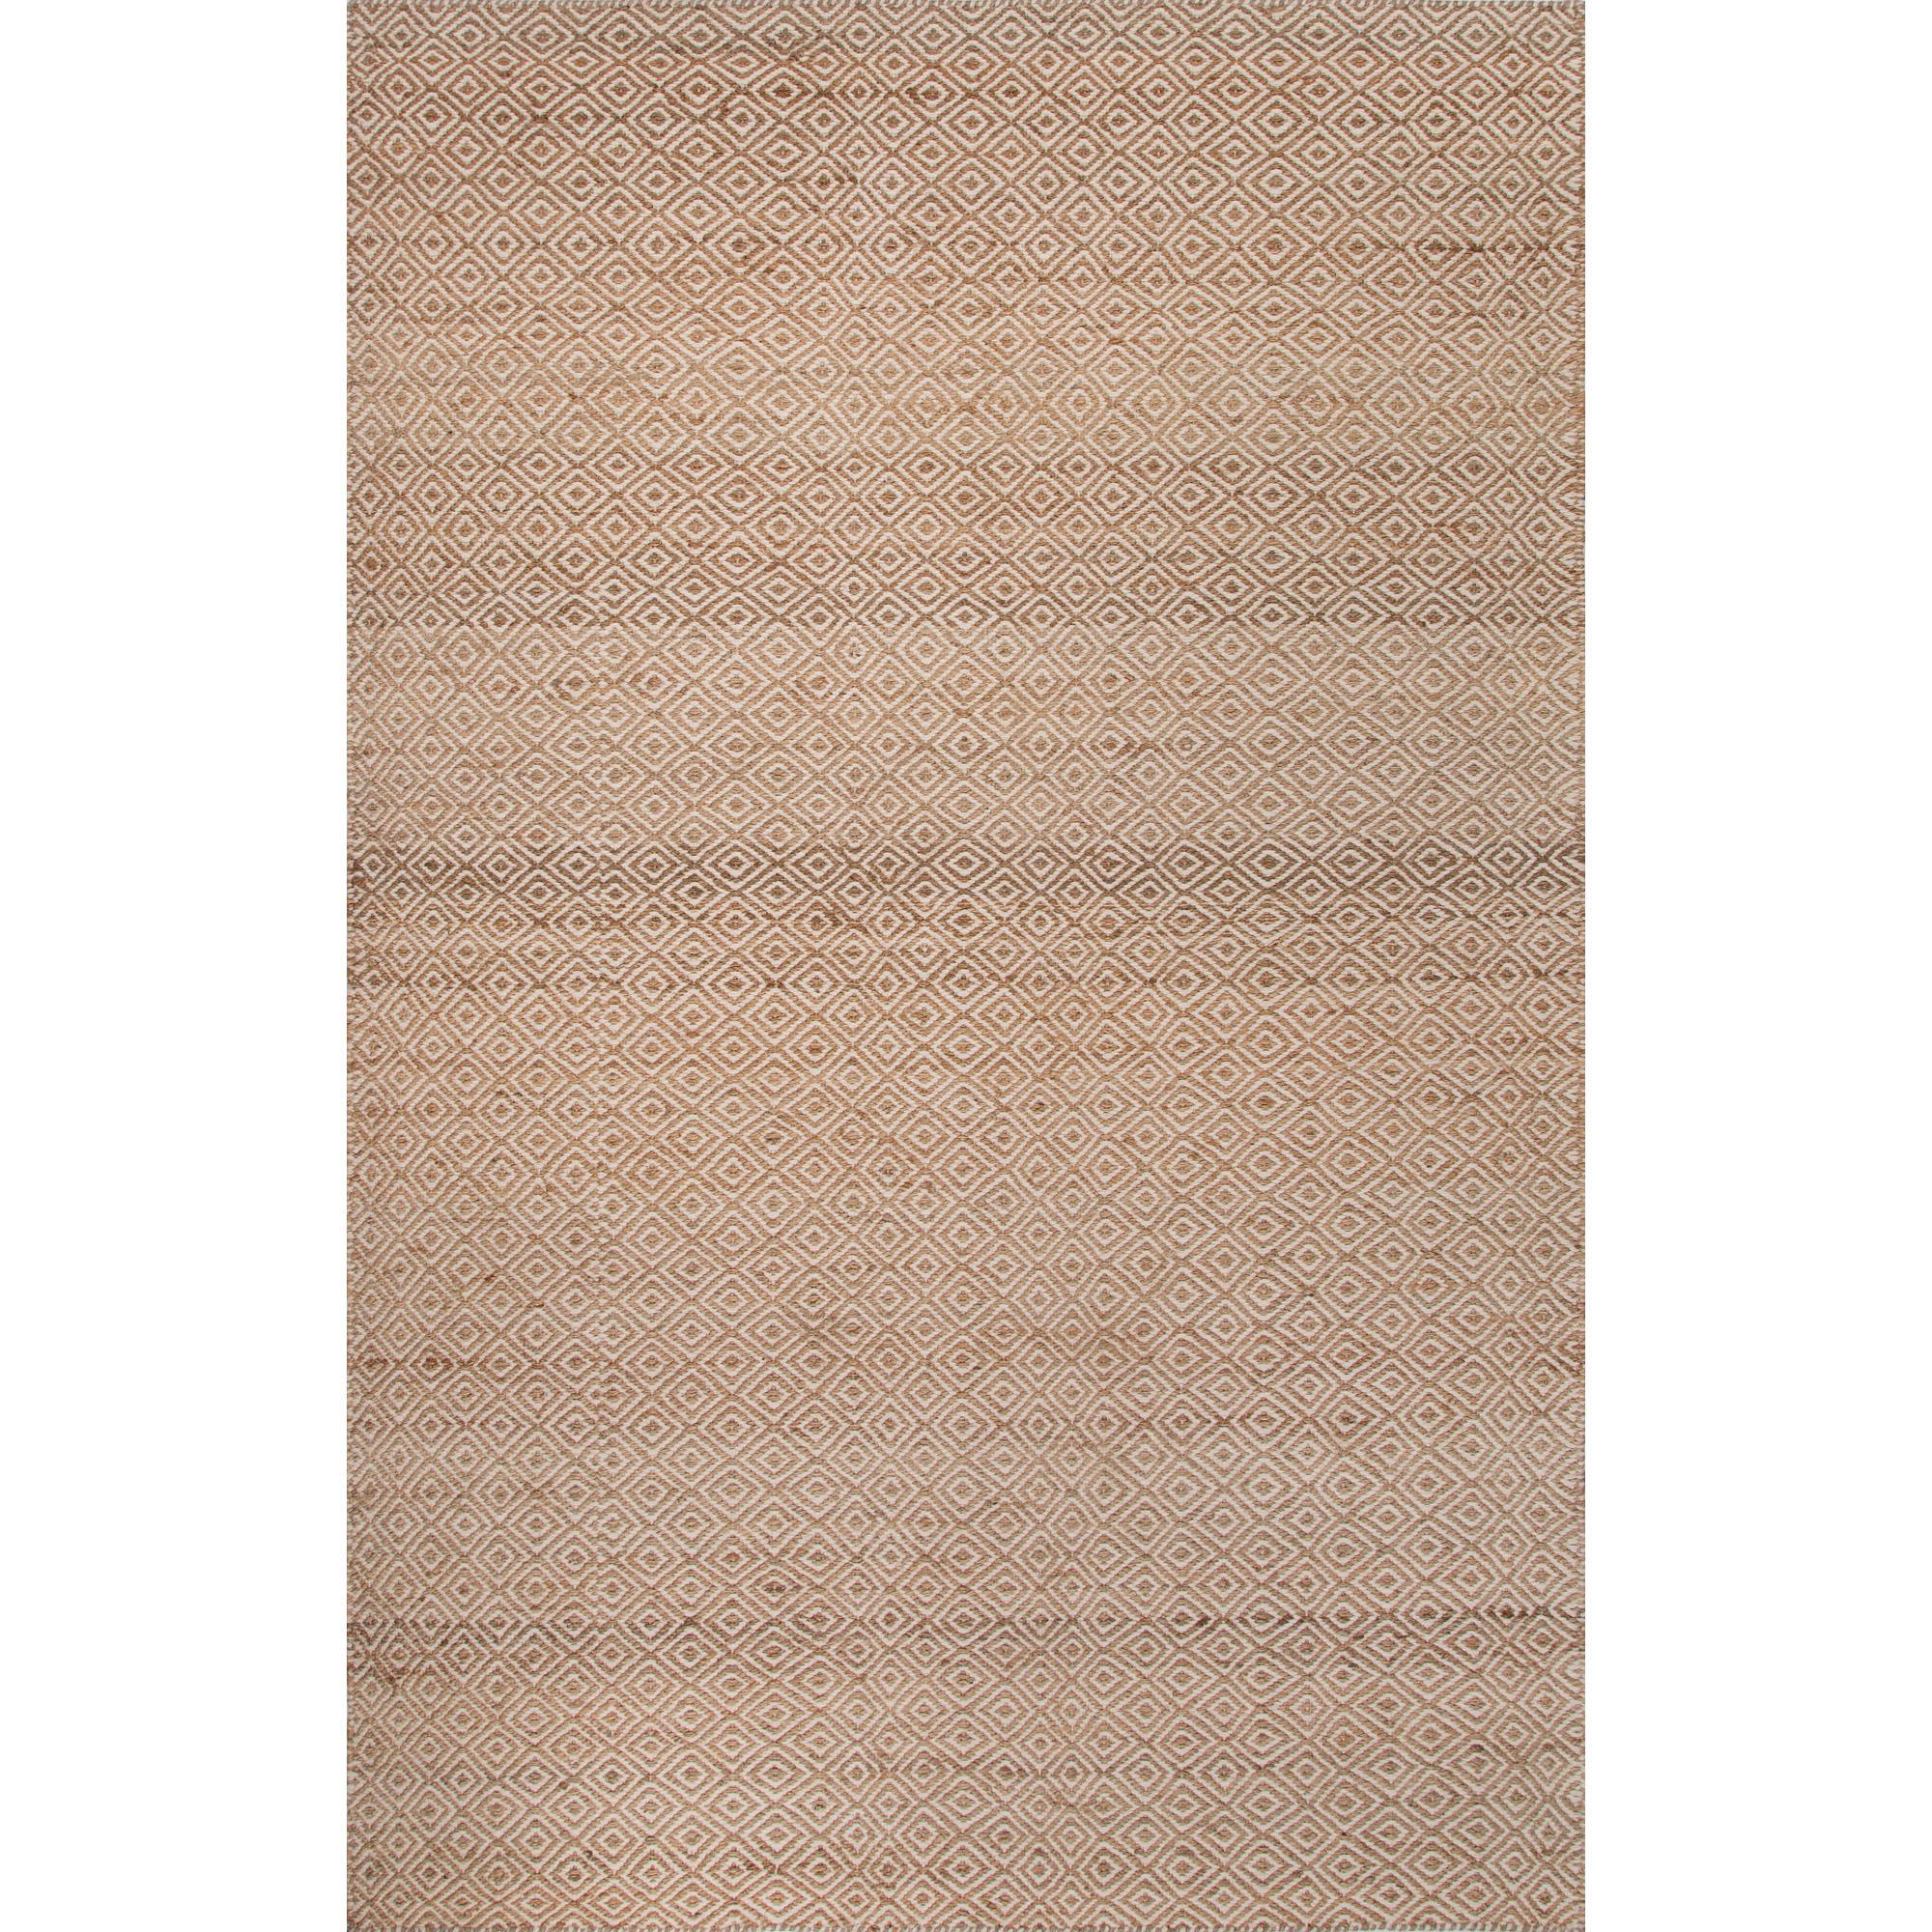 JAIPUR Rugs Naturals Ambary 4 x 6 Rug - Item Number: RUG116742